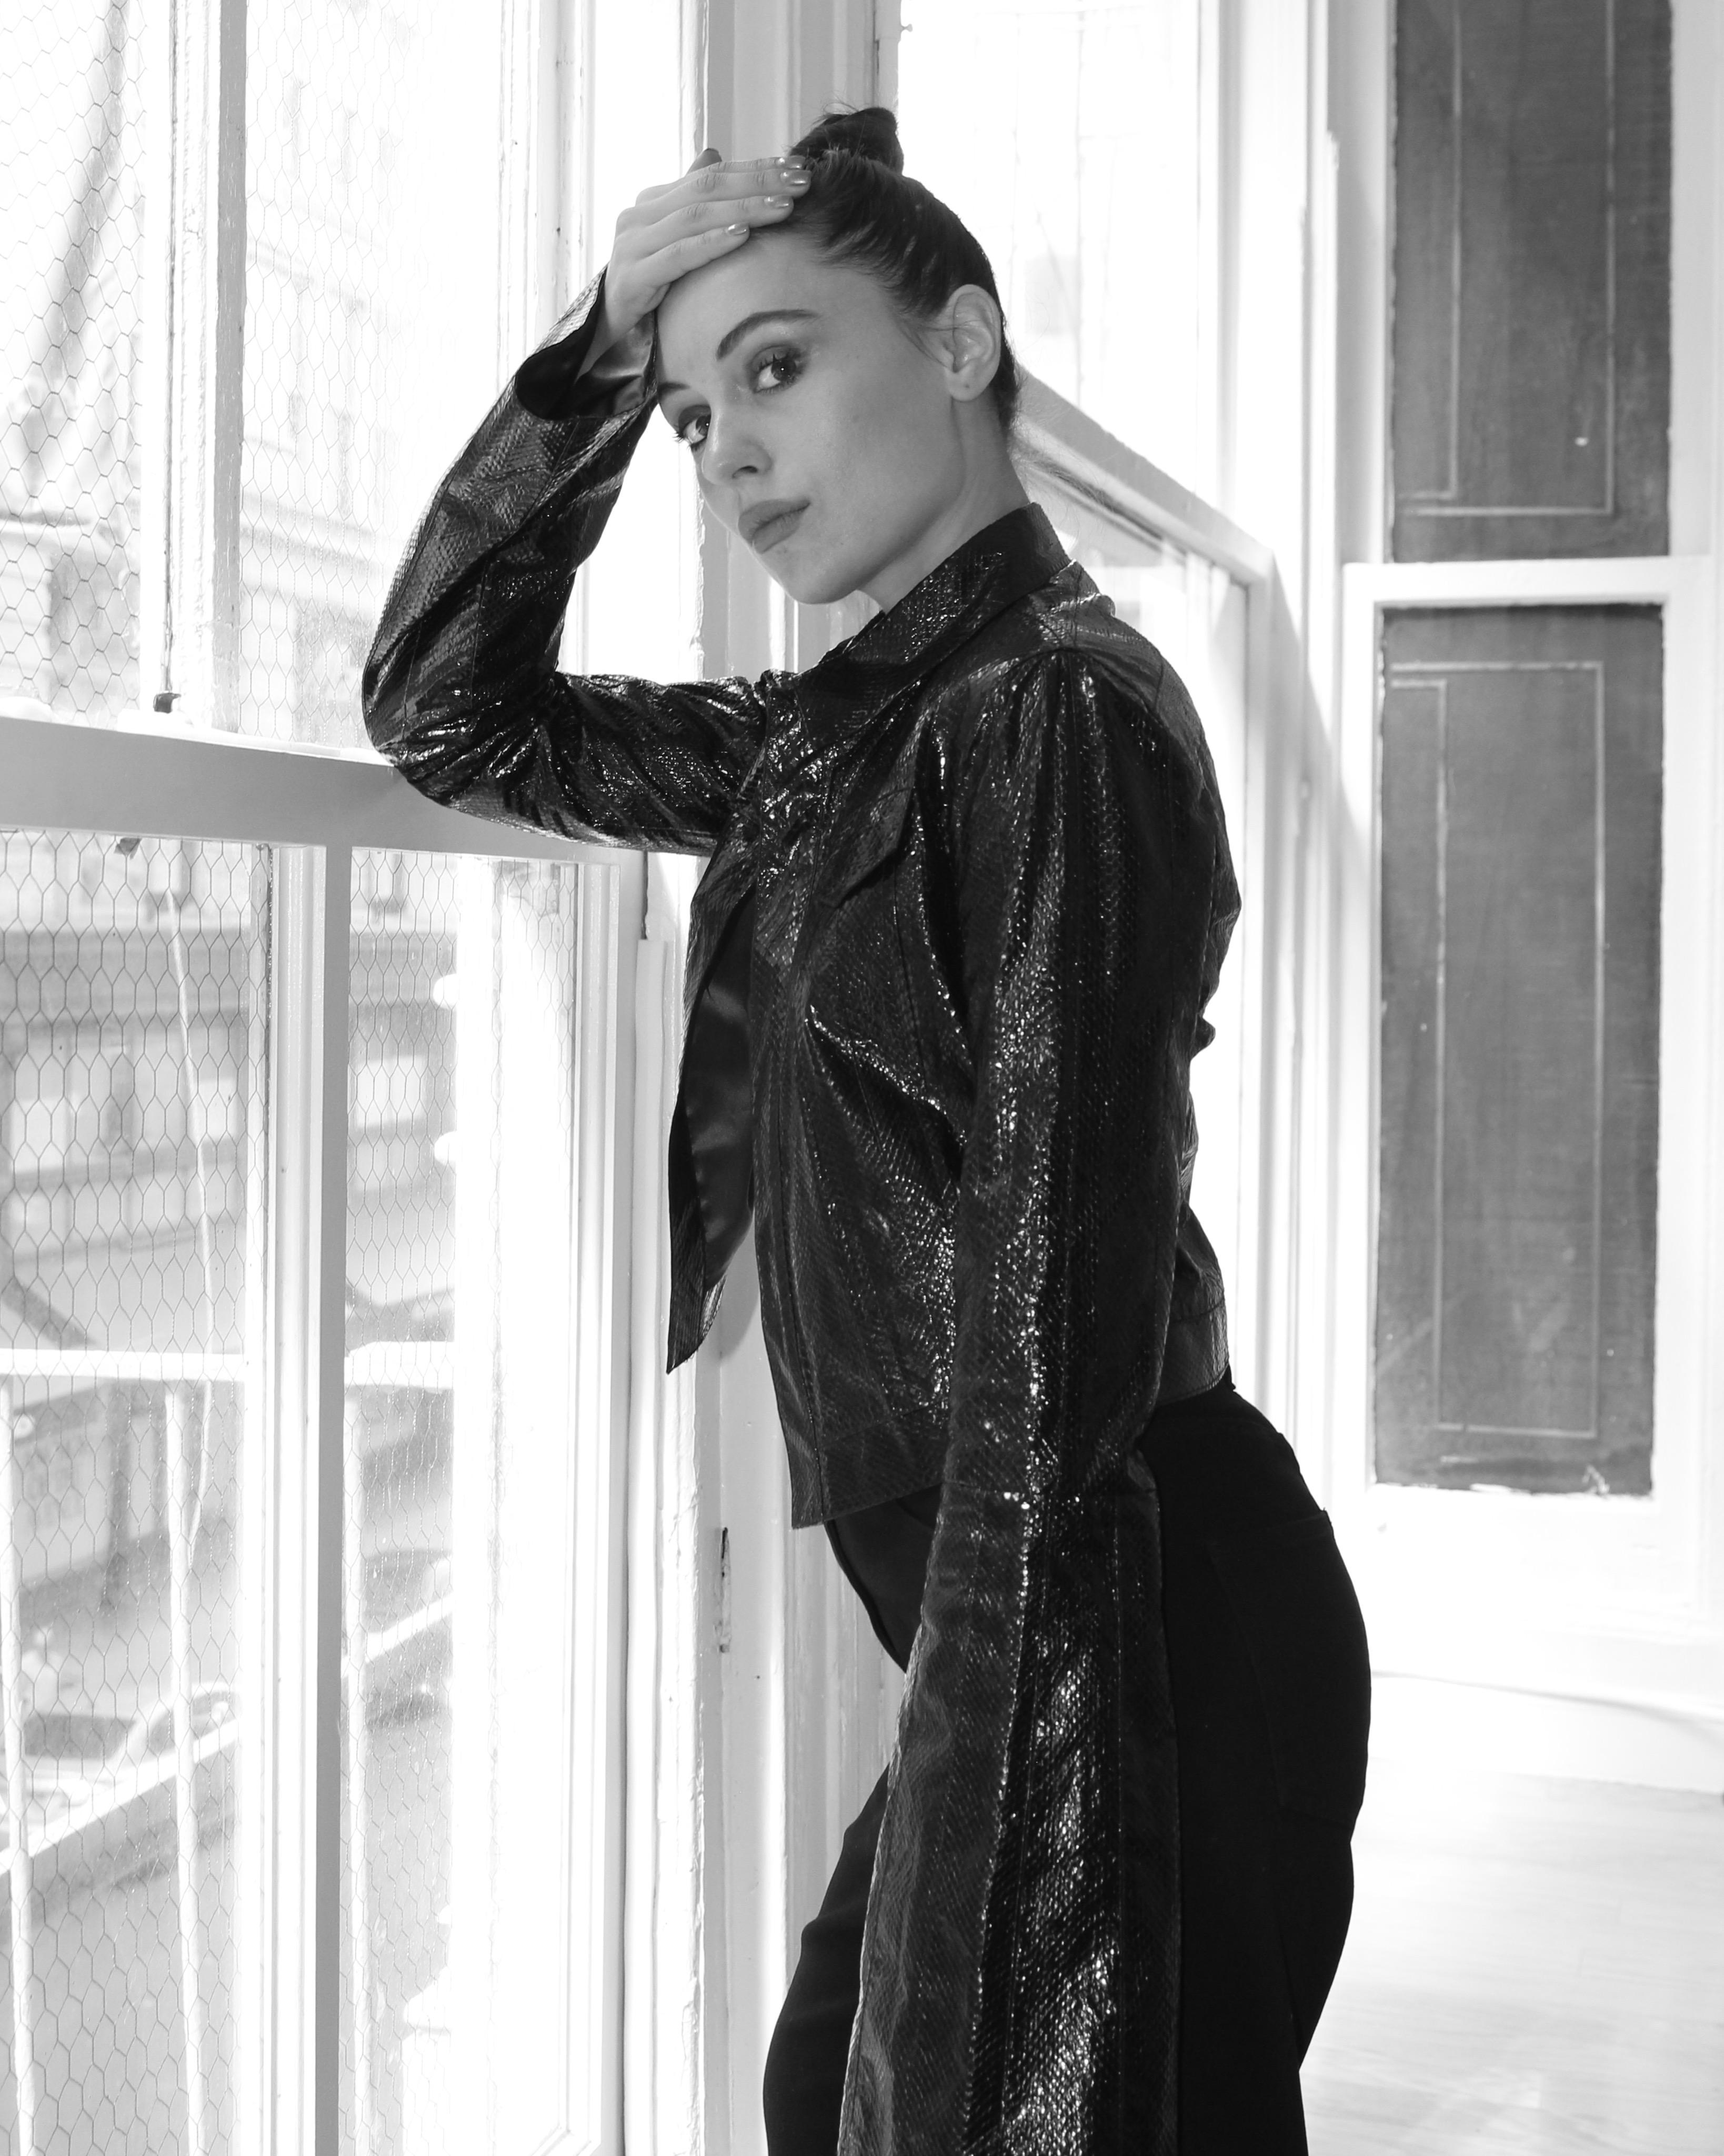 Model and actress Marta Pozzan in NY, 2017 wearing BreeLayne.